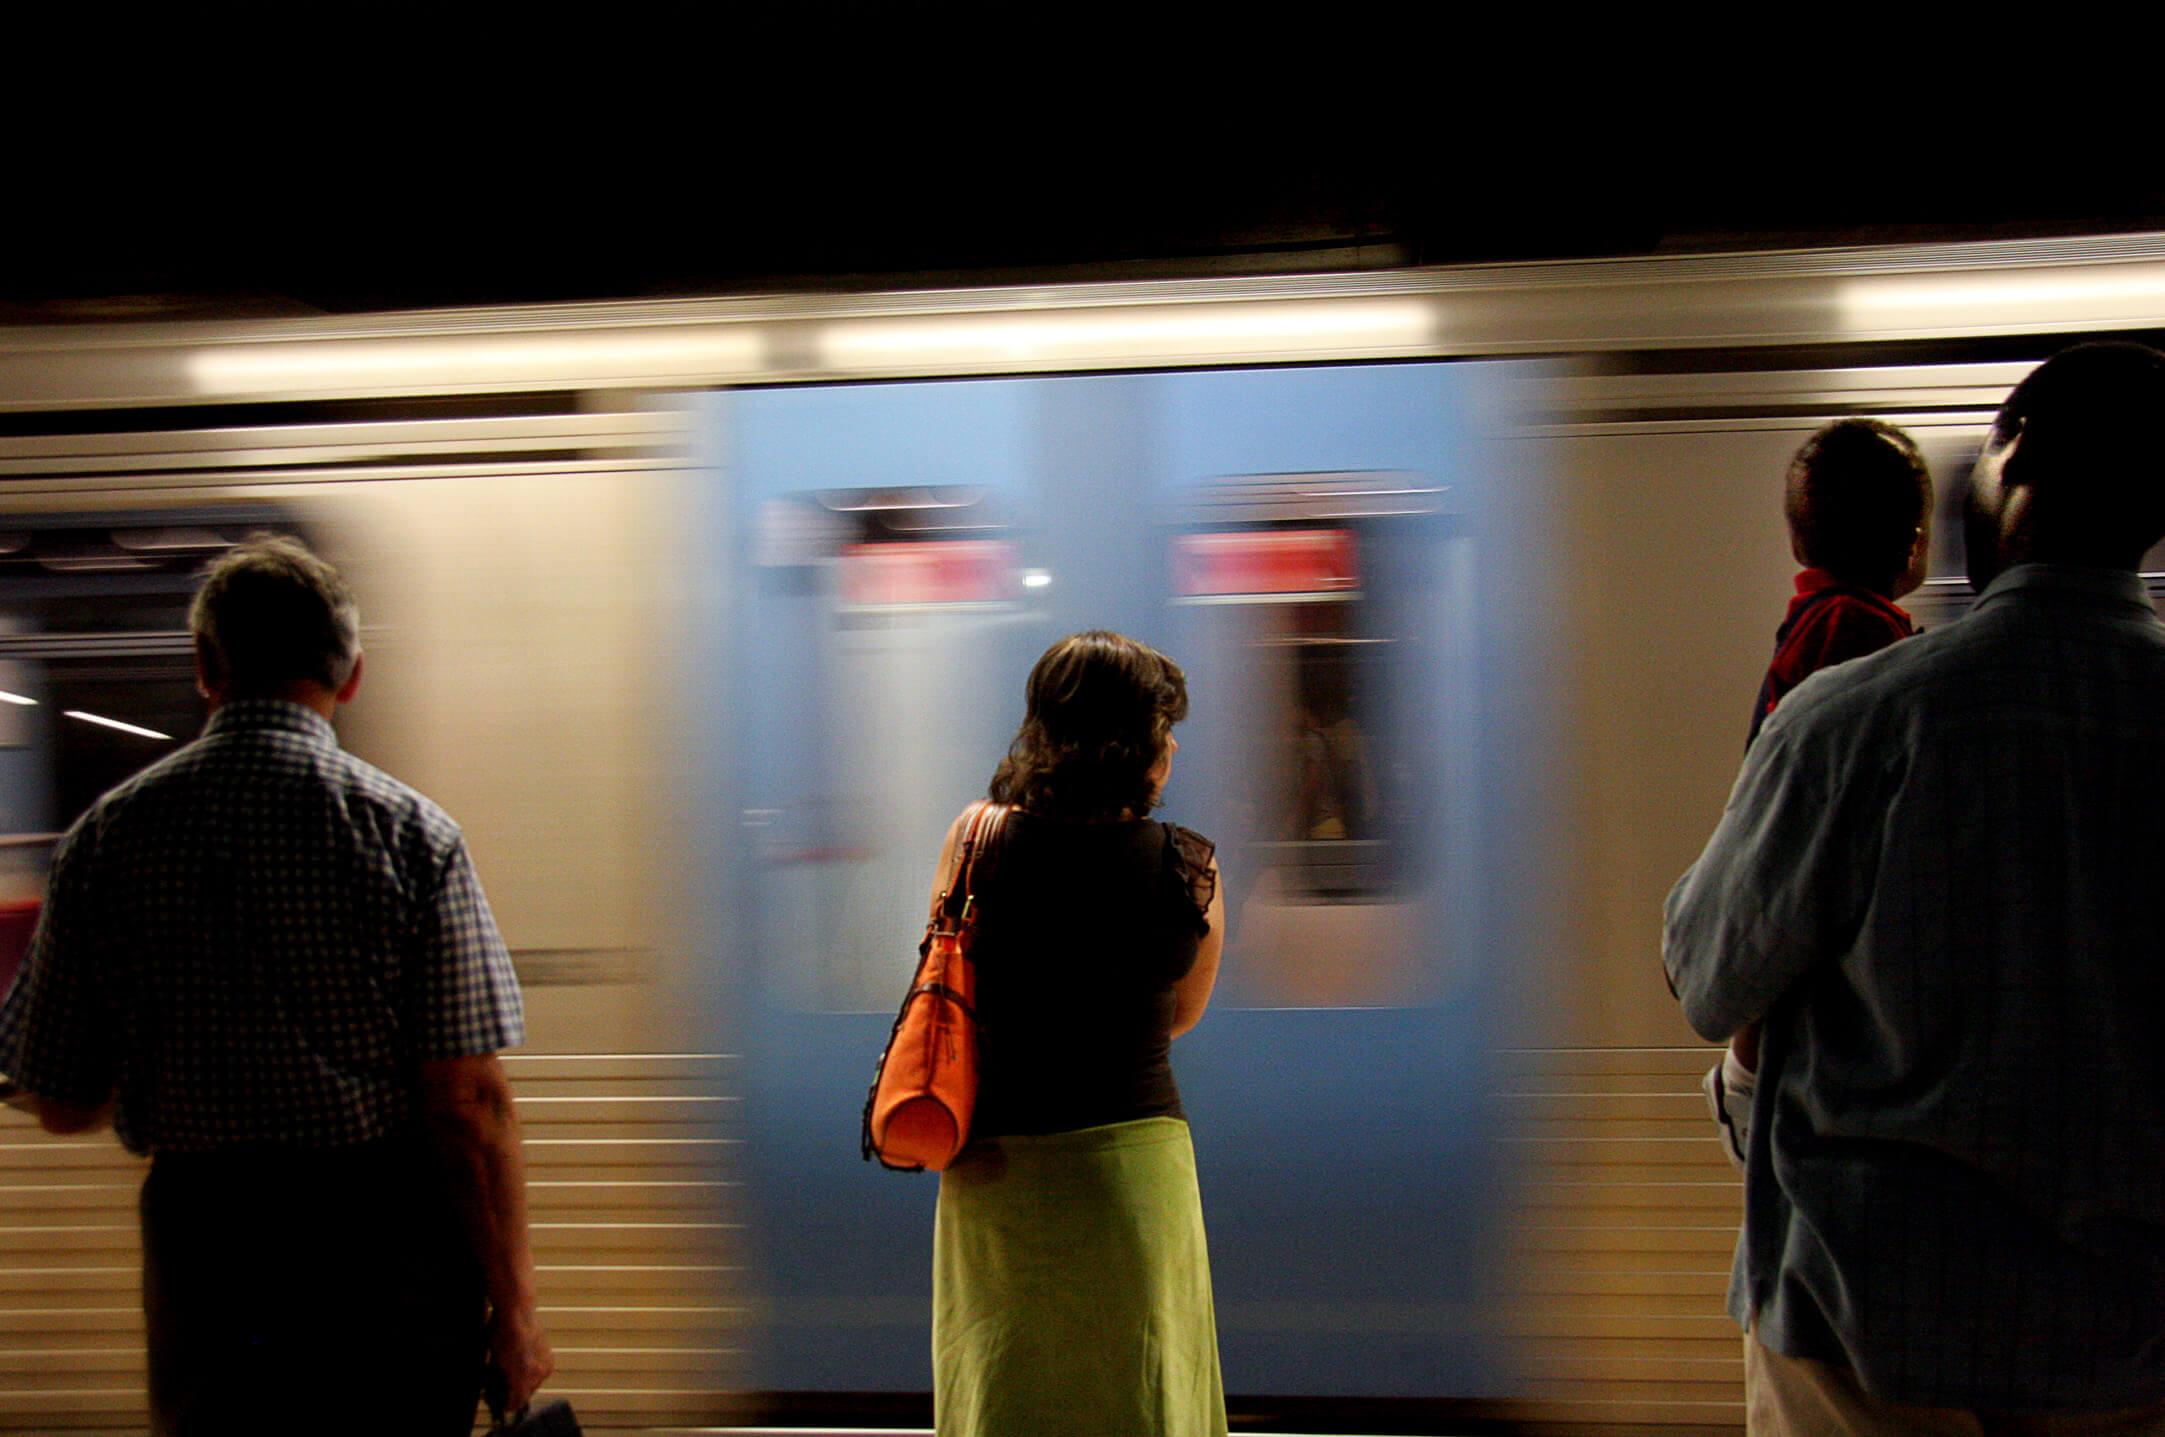 Estação do Metro de Arroios